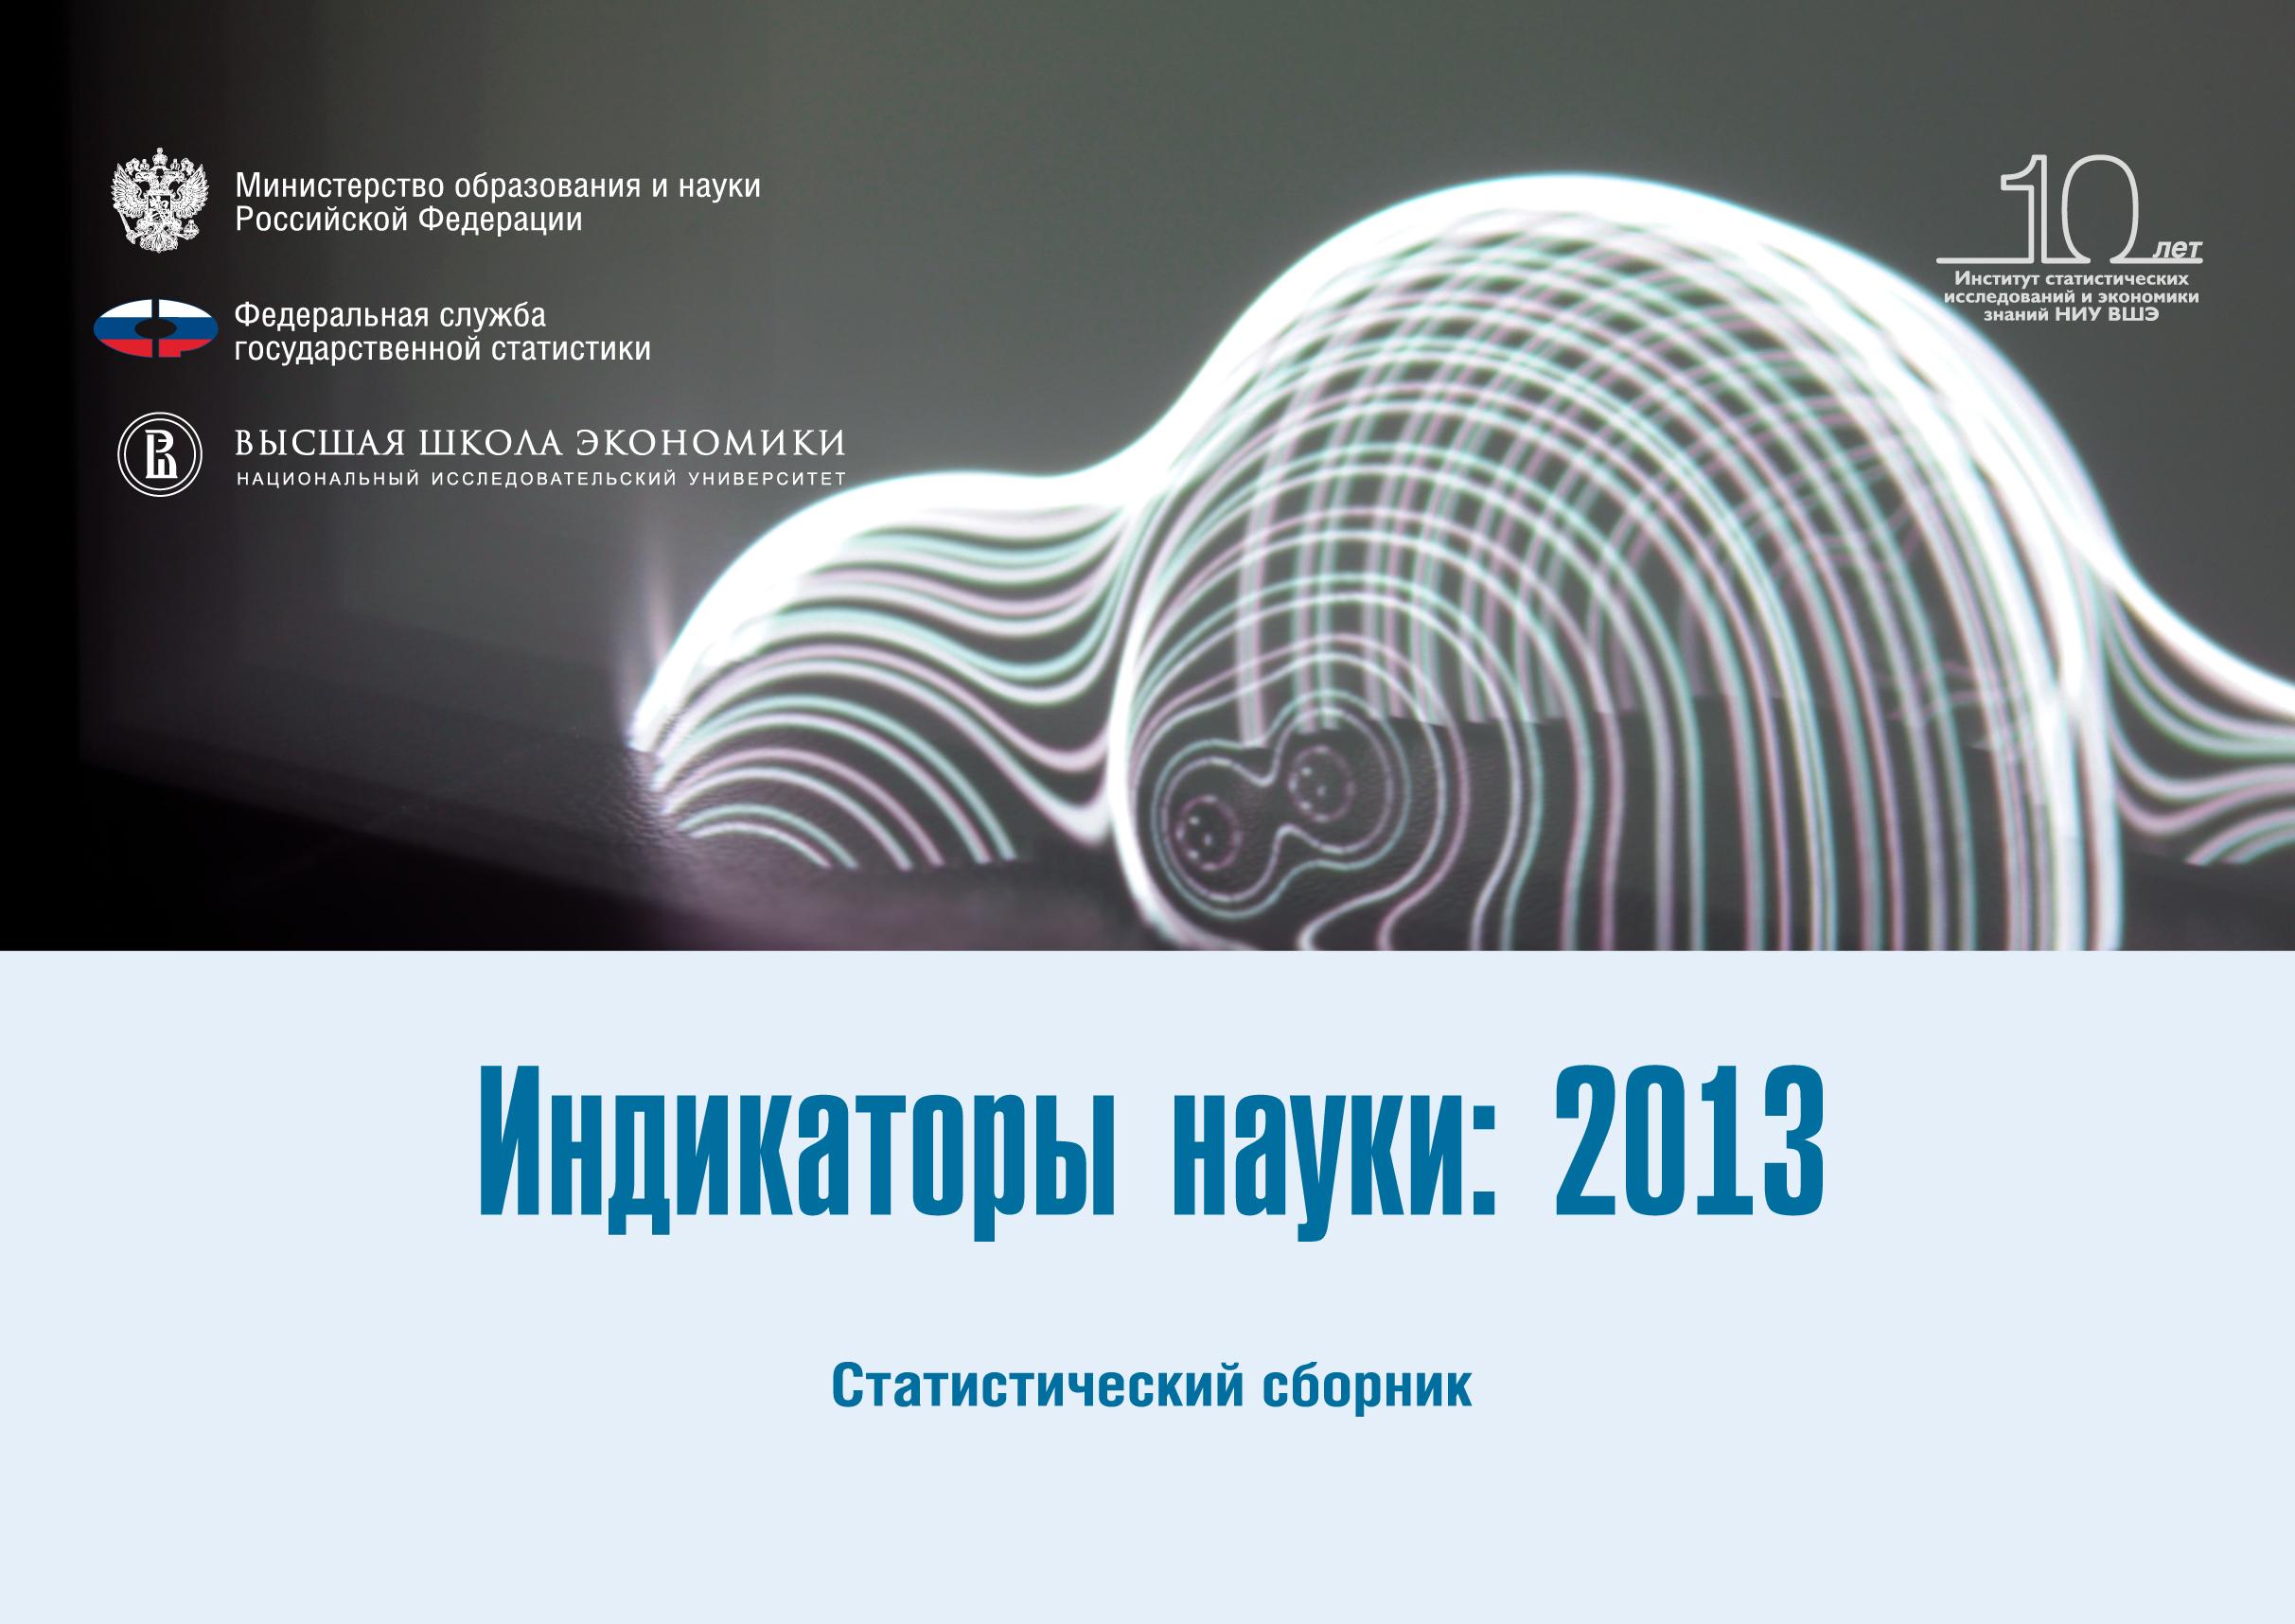 Индикаторы науки: 2013